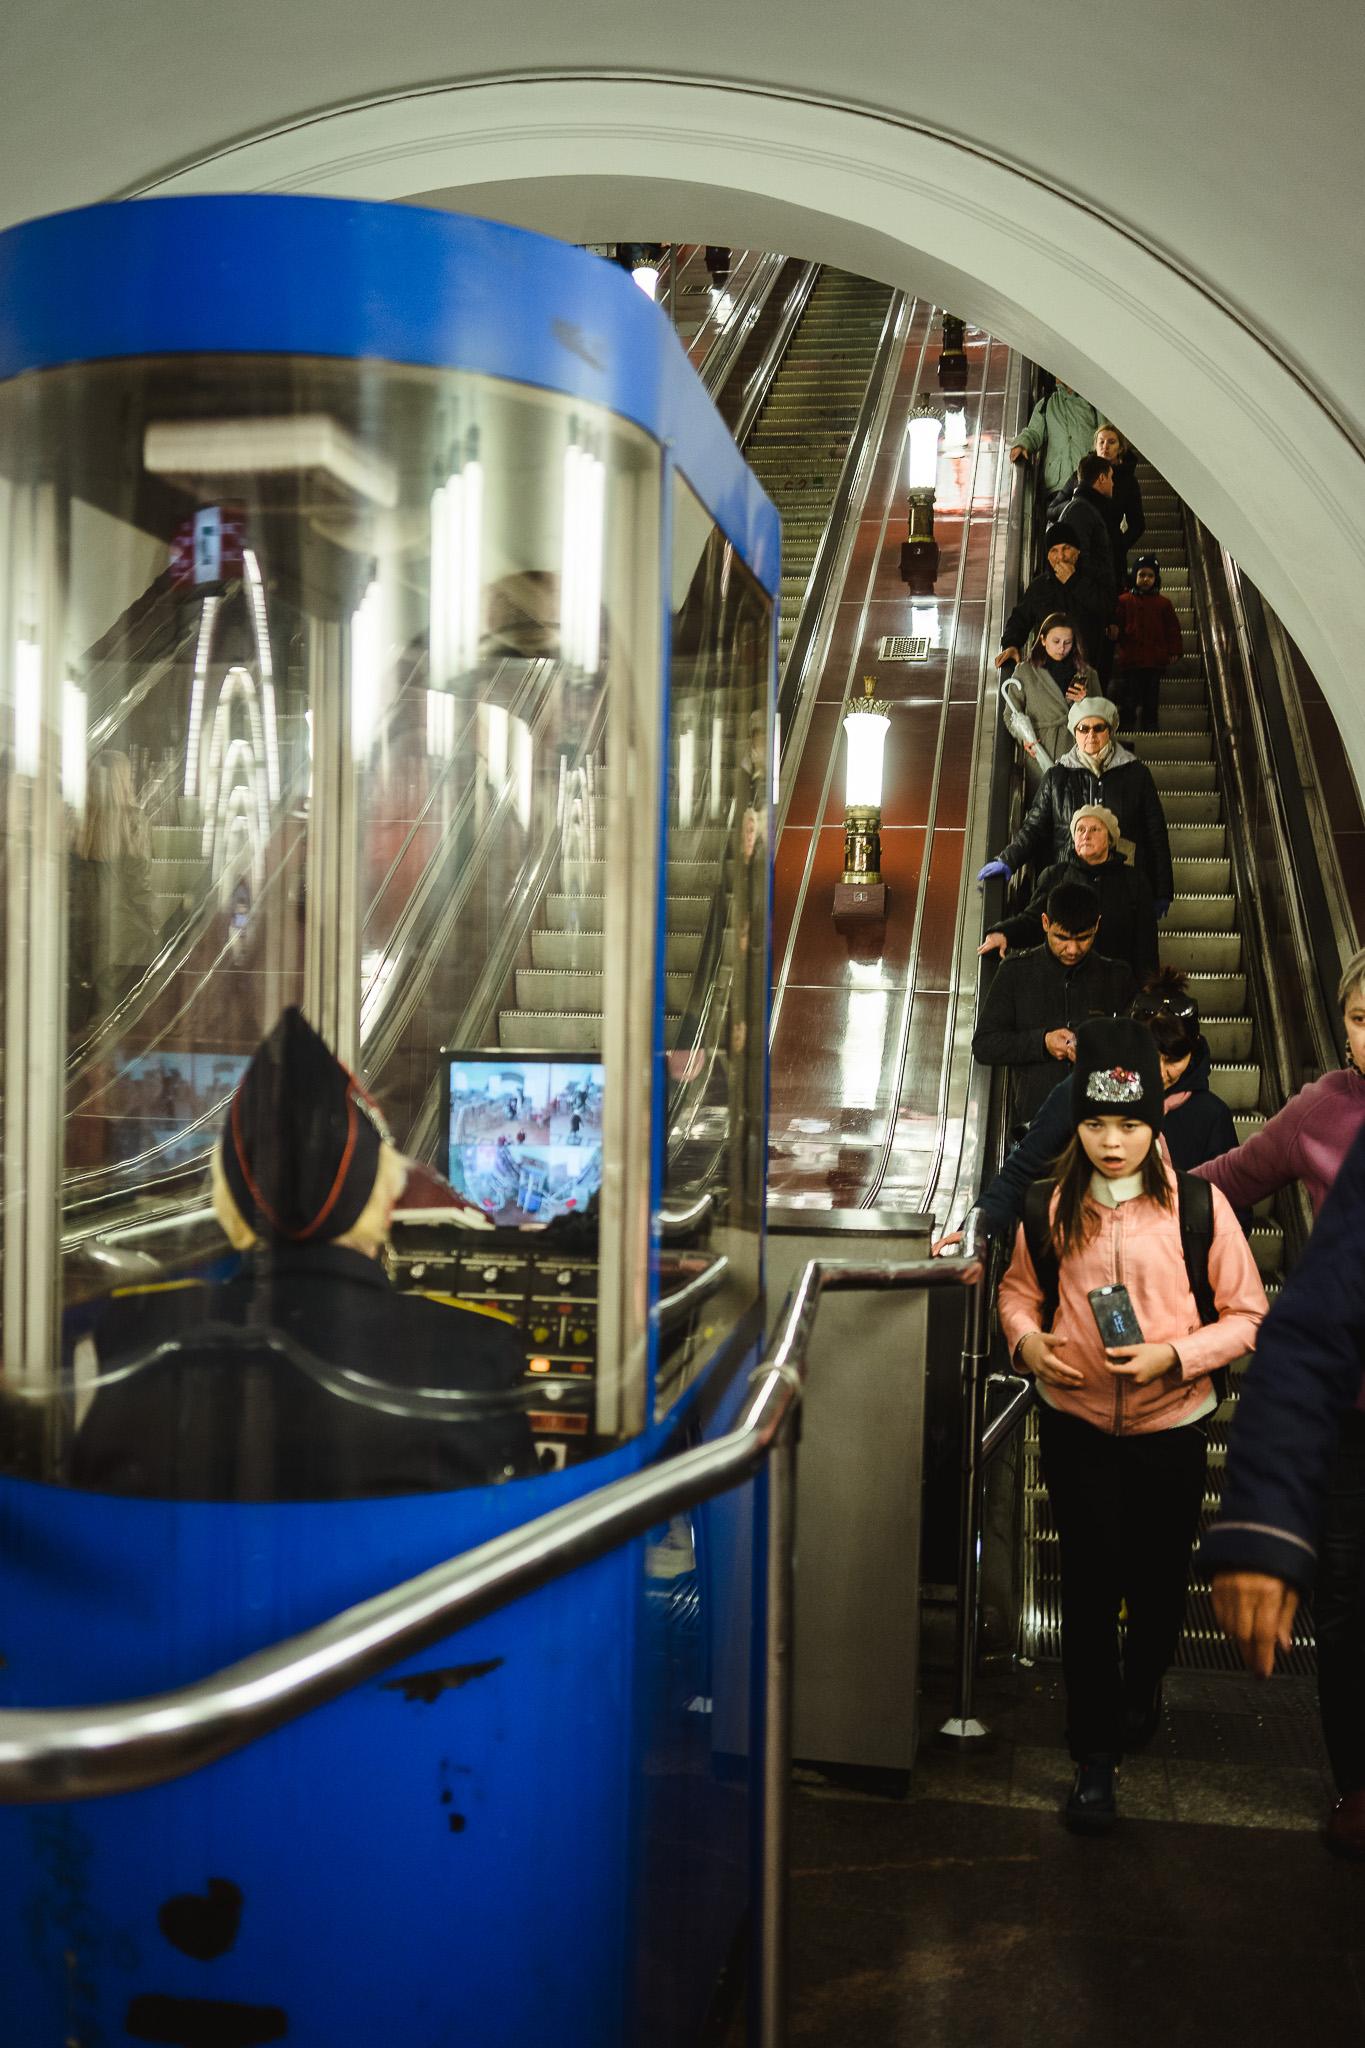 Najgłębsze metro w Rosji, czyli na świecie